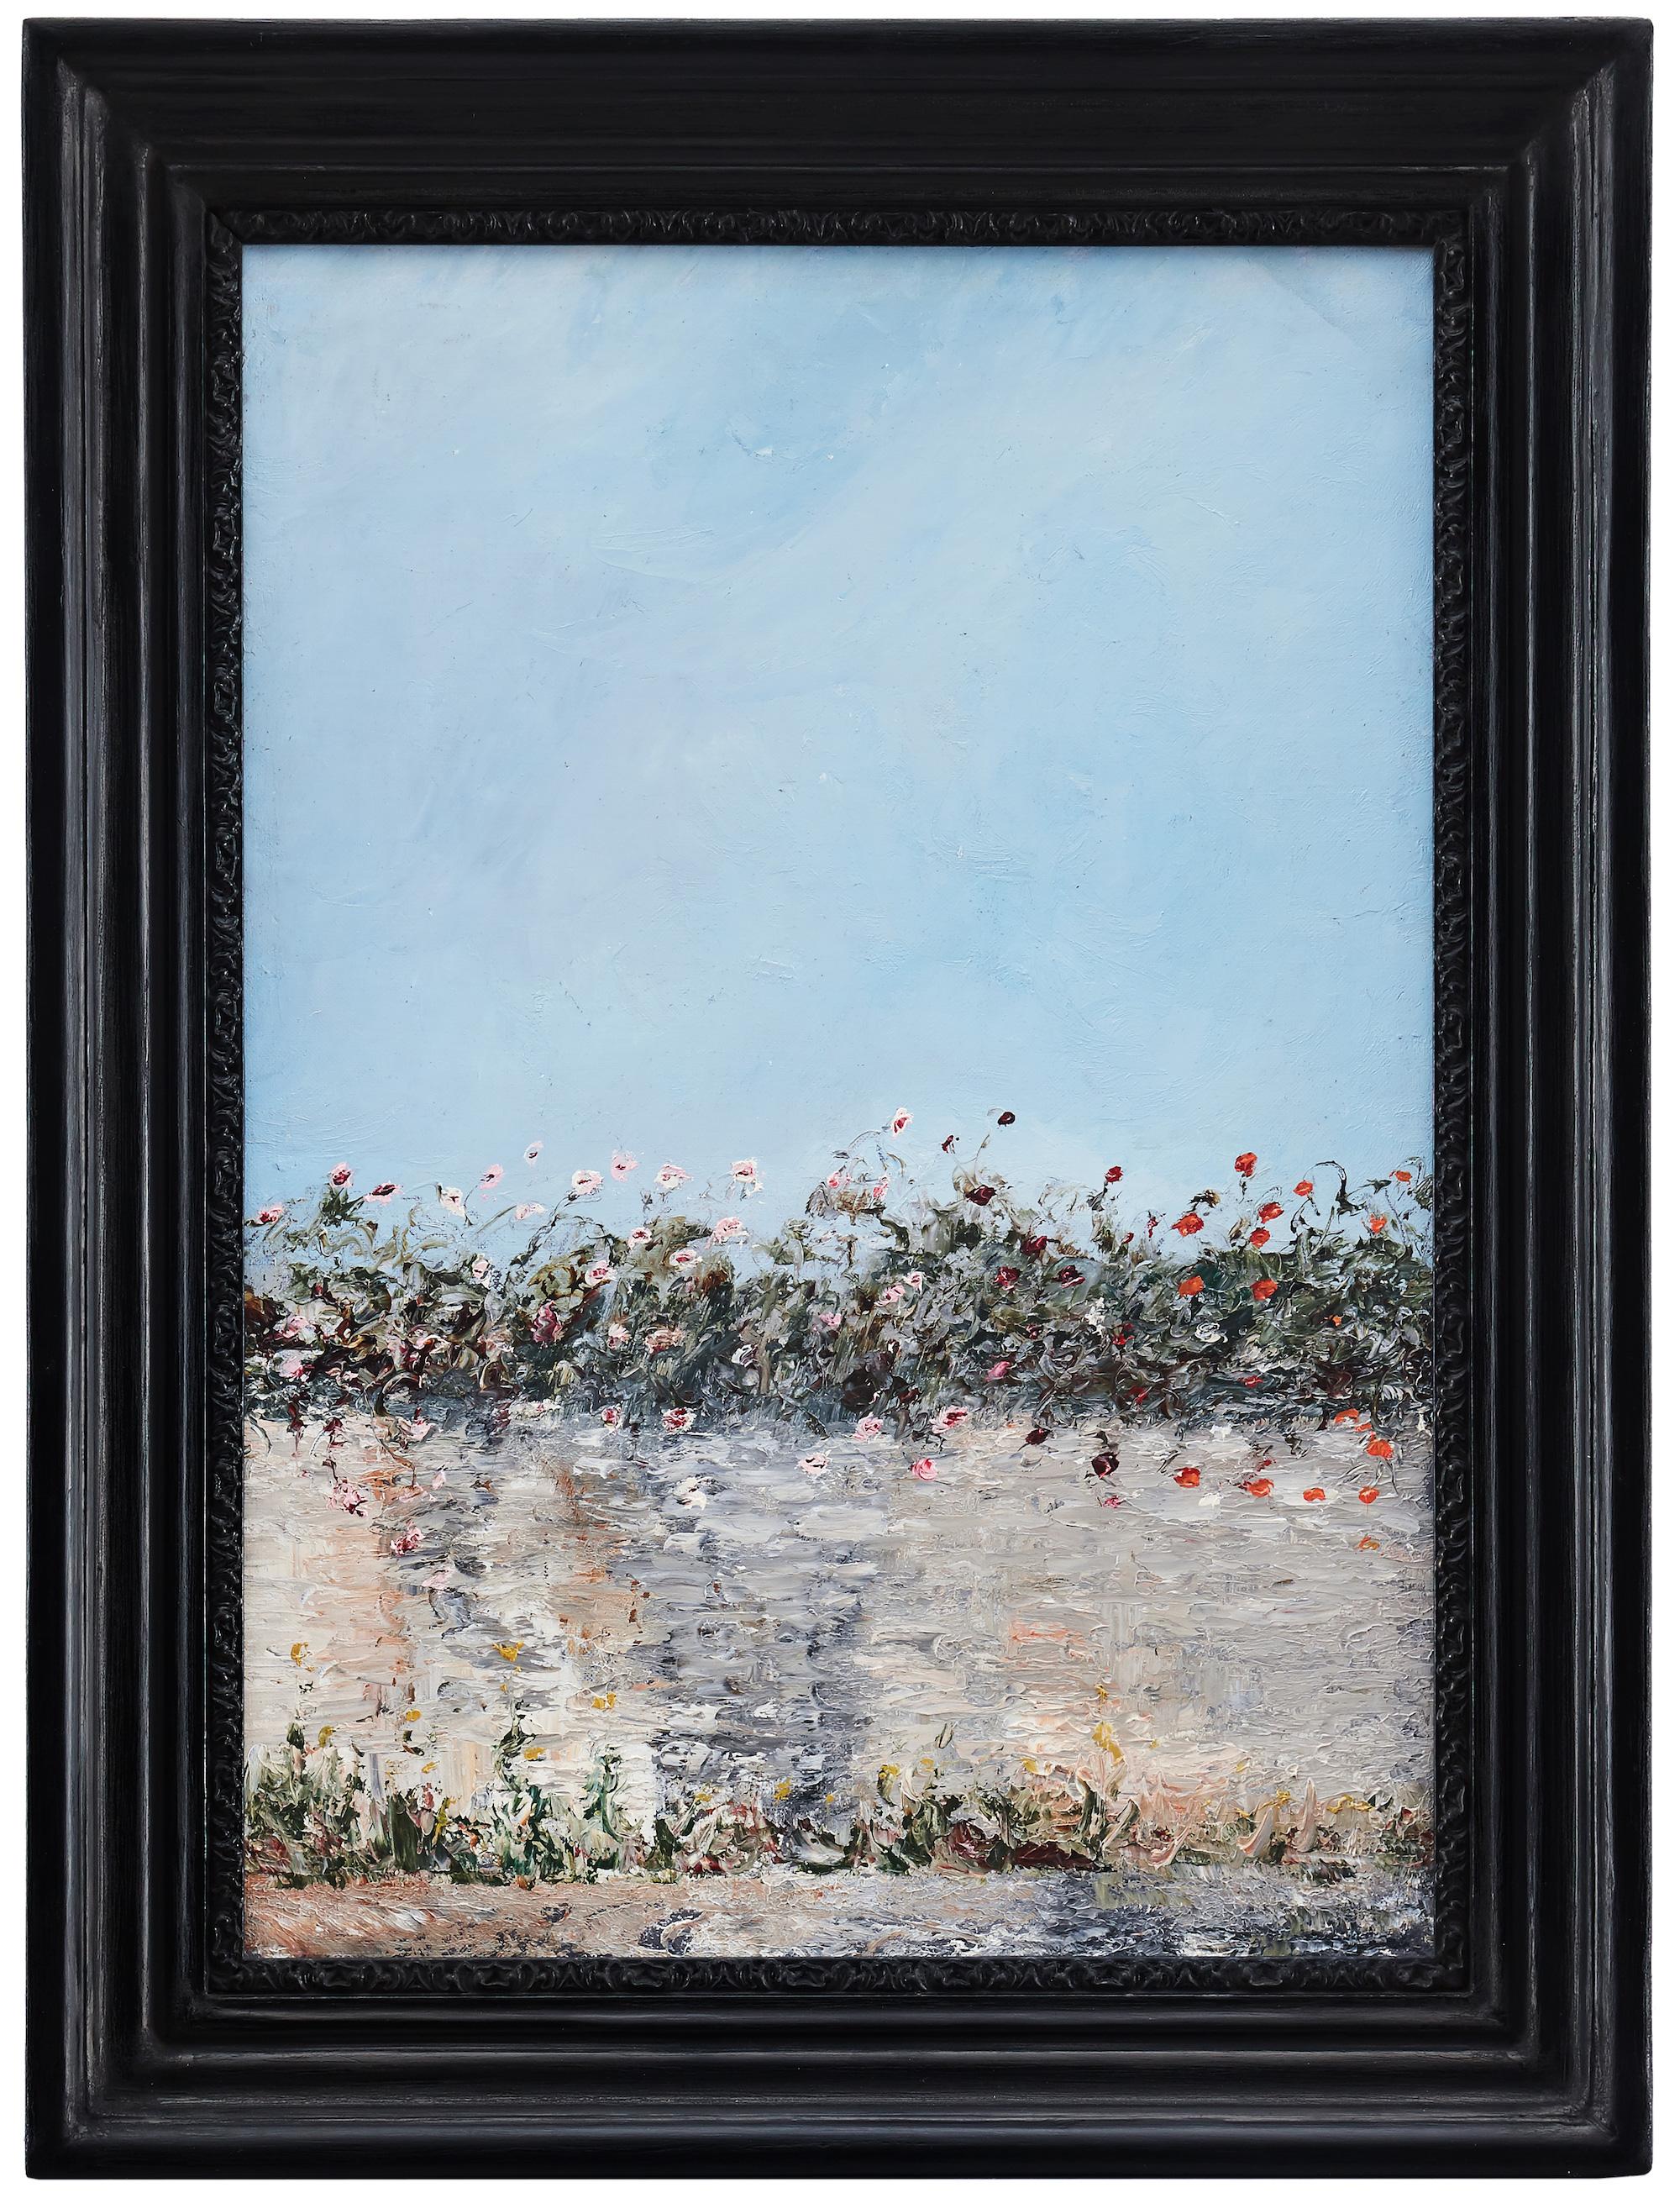 """August Strindbergs """"Blommande mur"""" utgör kronjuvelen i samlingen. Oljemålningen tros vara utförd 1903 och är utställd på såväl Tate Moderns uppmärksammade utställning som den på Göteborgs Konstmuseum för några år sedan. Utropspris  är 4-6 miljoner kronor."""